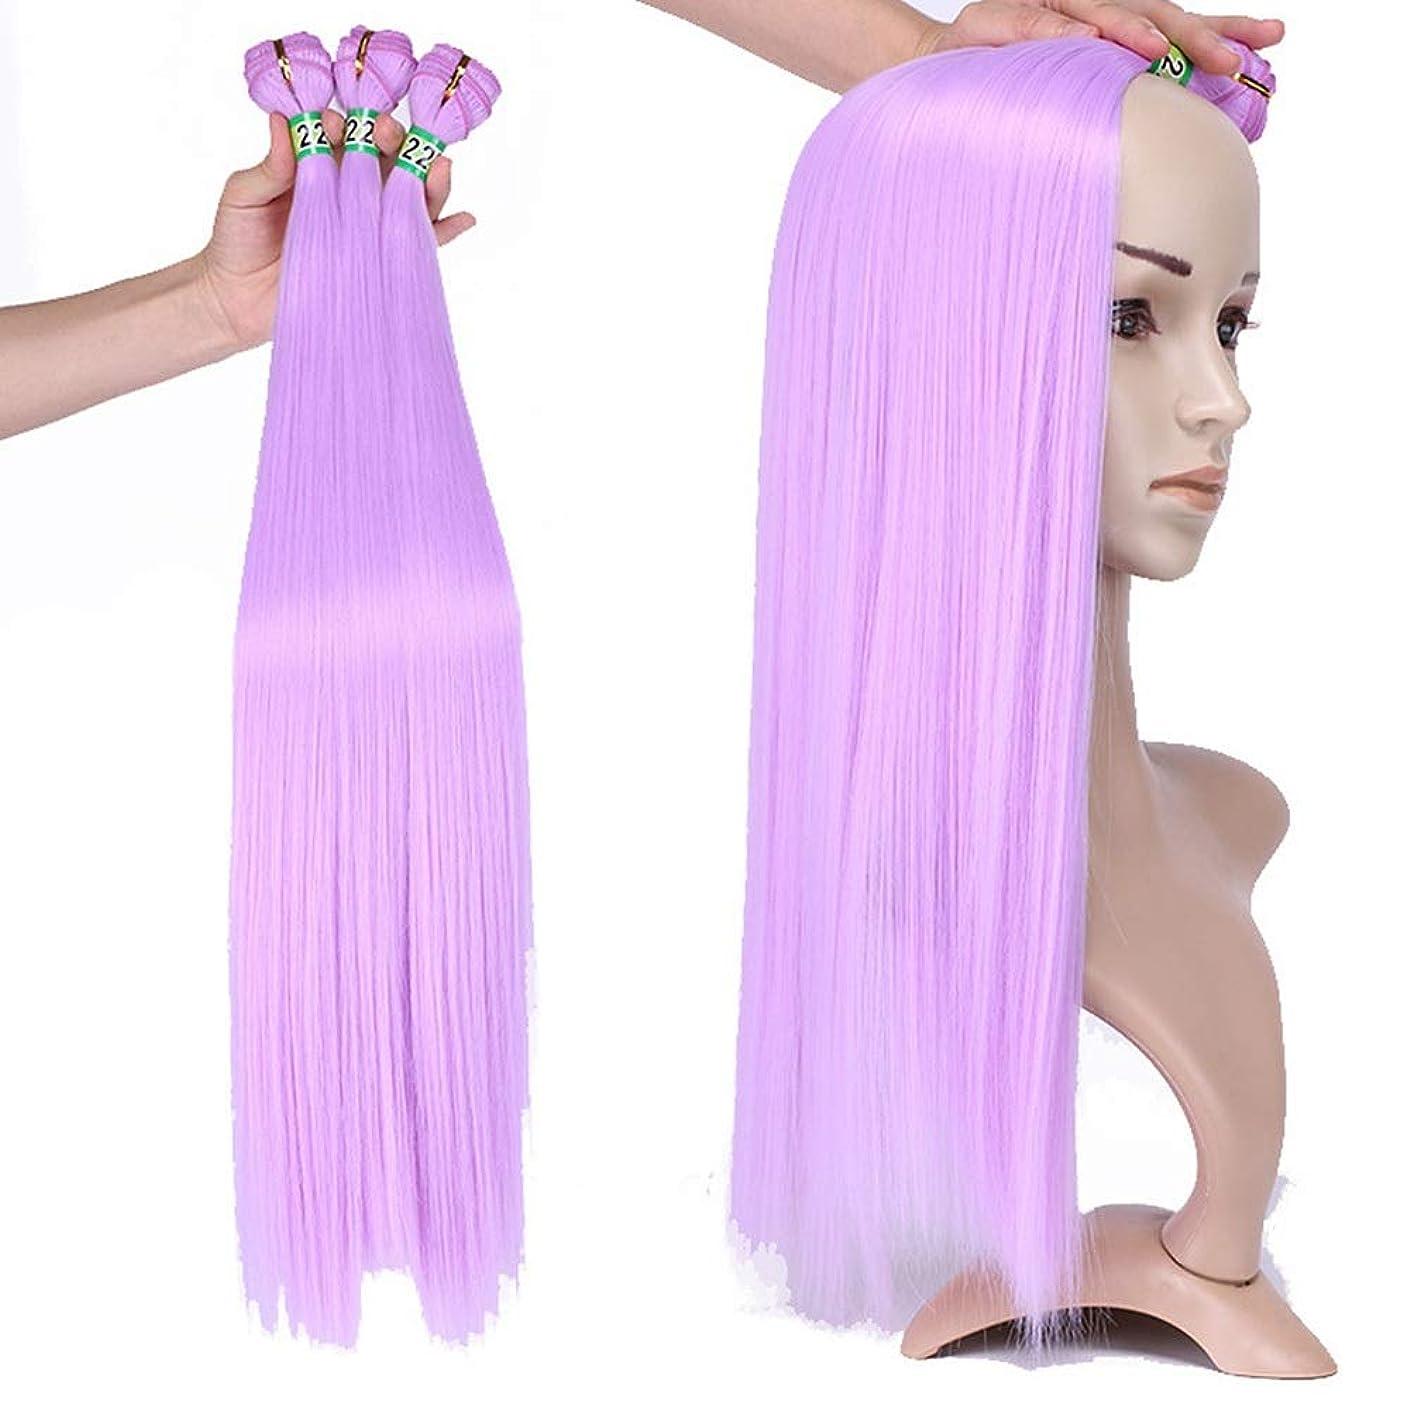 リビジョン愛情ごちそうHOHYLLYA 3バンドルライトパープルストレート人工毛織りバンドル高温繊維ヘアエクステンション100グラム/バンドル複合ヘアレースかつらロールプレイングかつらロングとショート女性自然 (色 : Light purple, サイズ : 20inch)